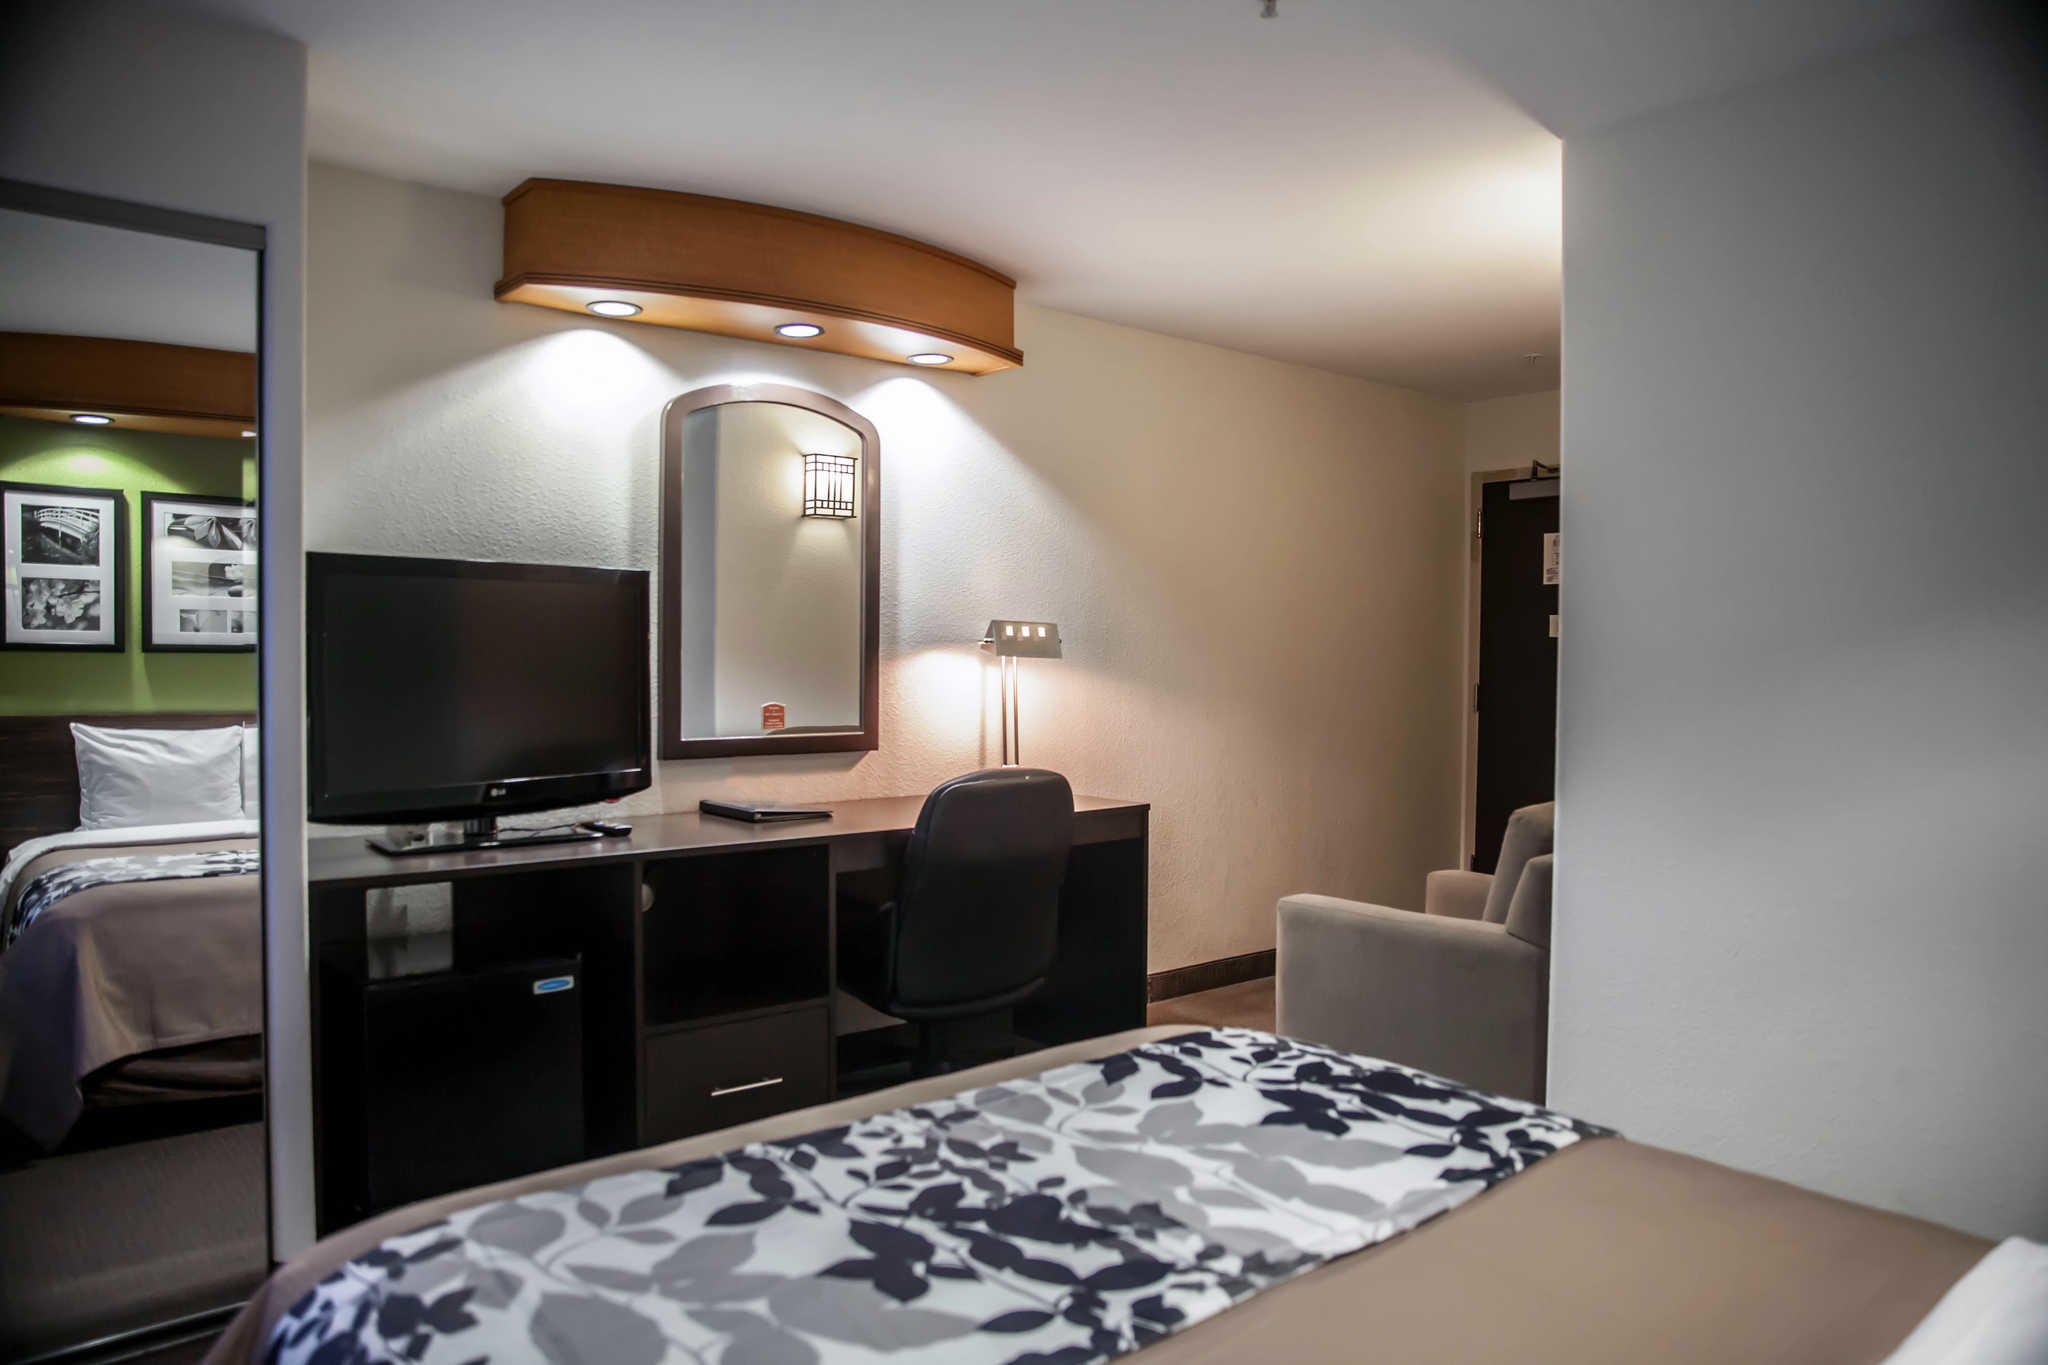 Sleep Inn & Suites image 8